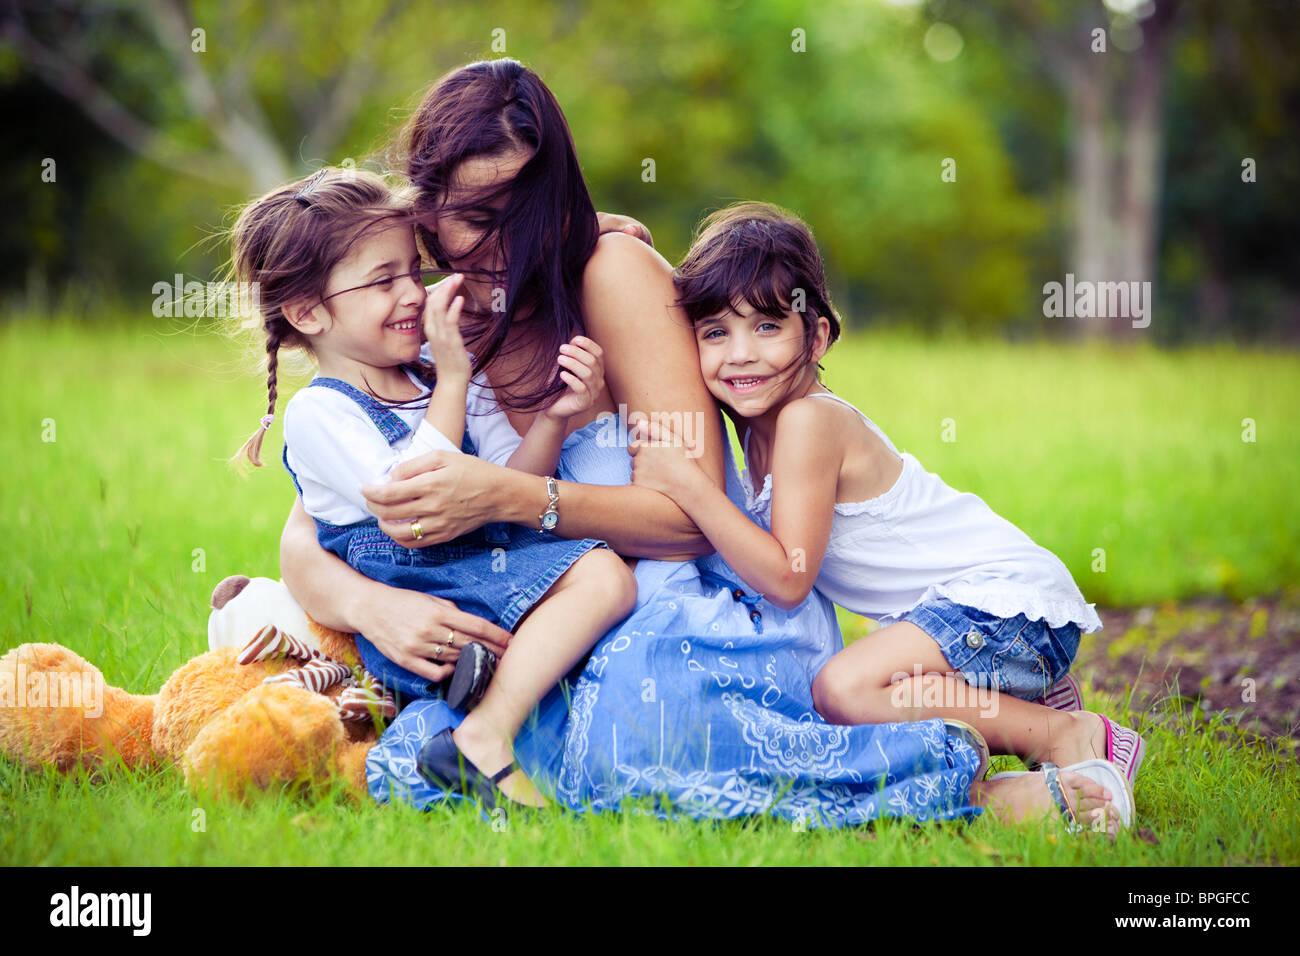 Junge Mutter und zwei Töchter im Rasen spielen Stockbild